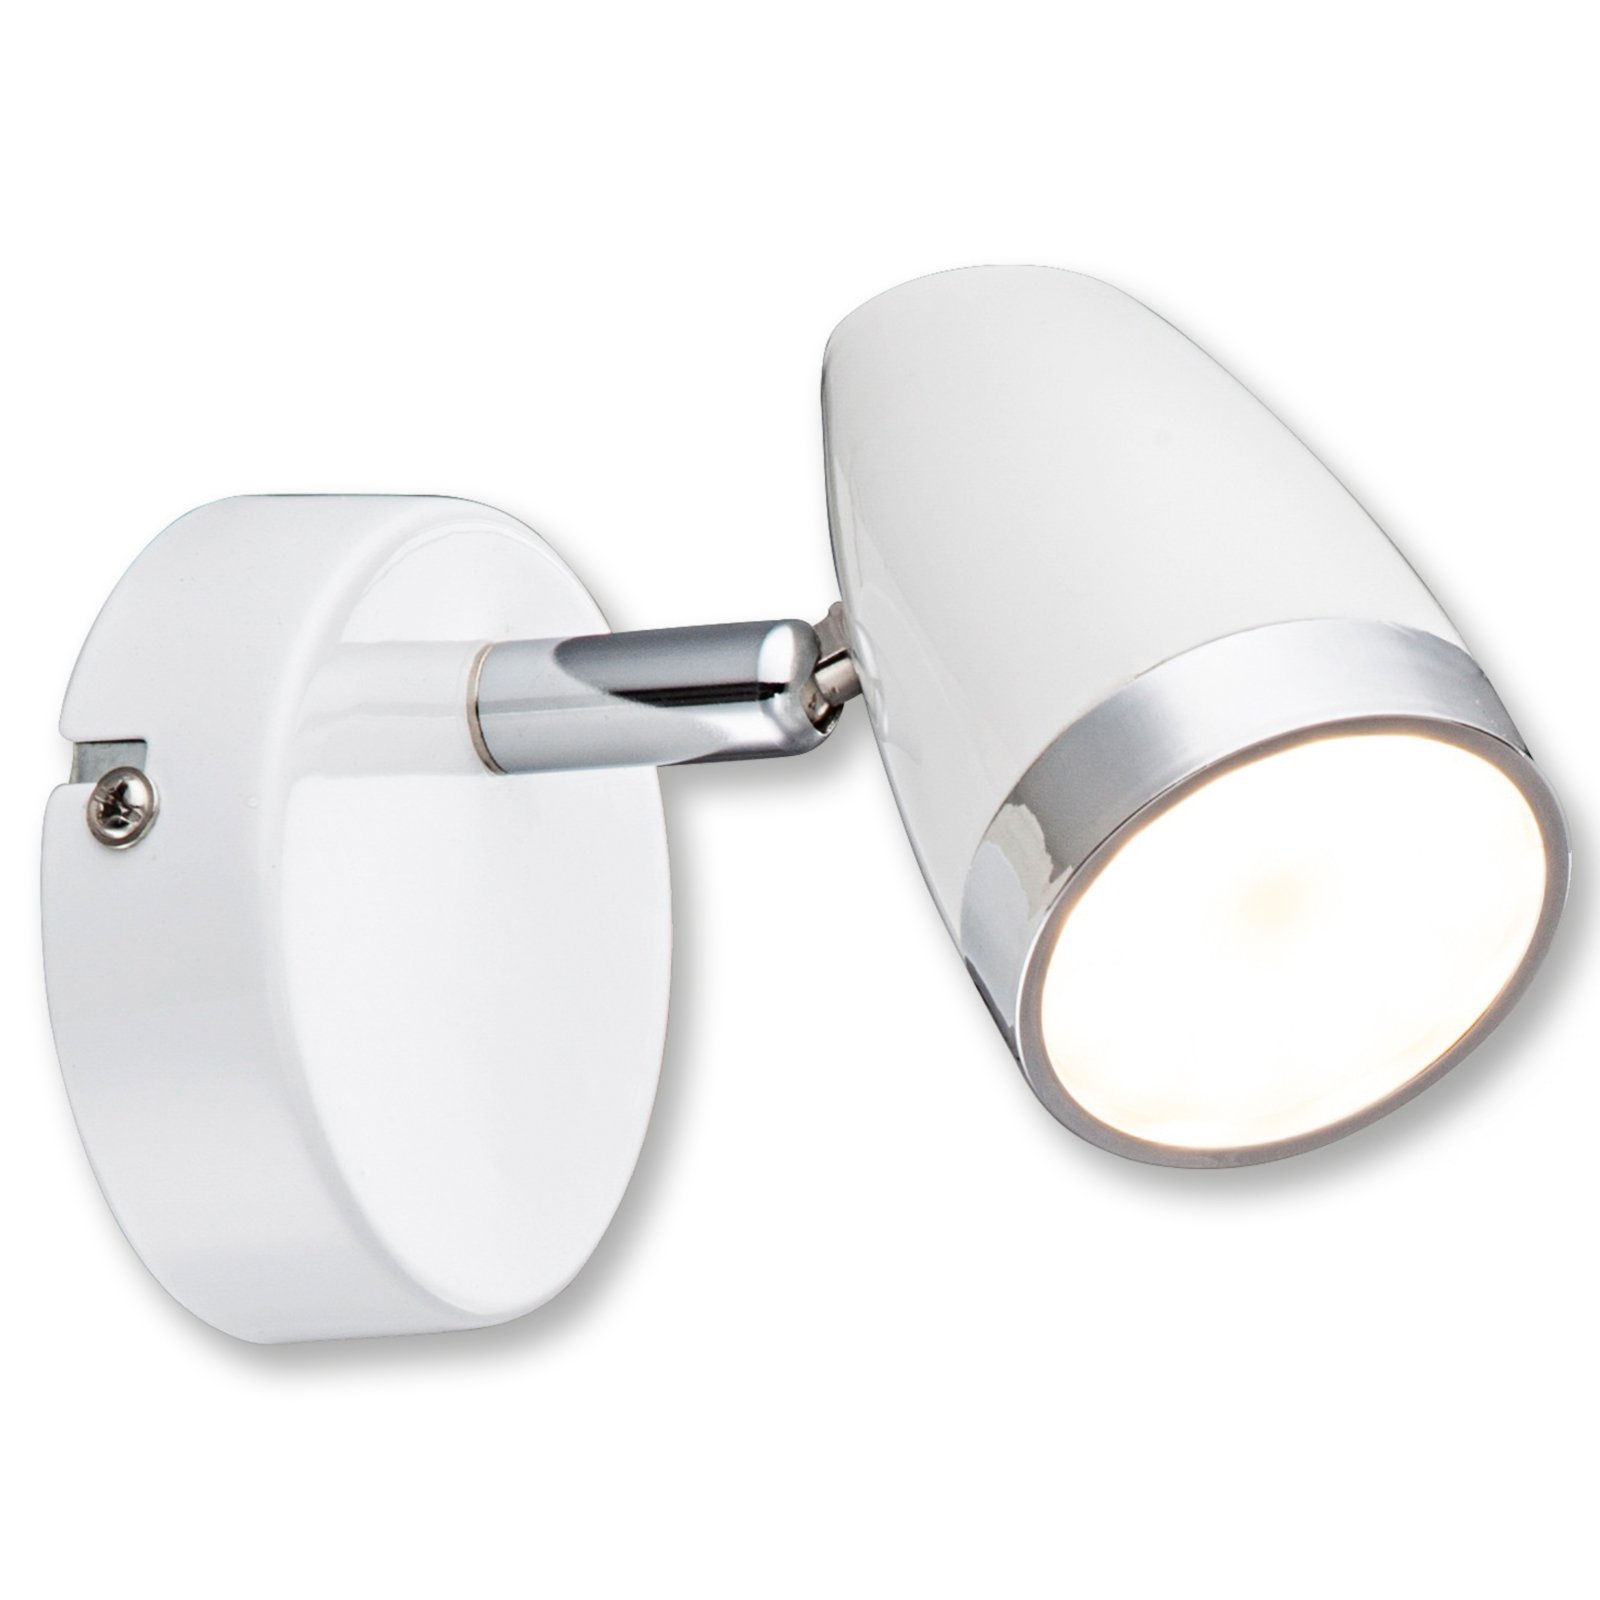 wandlampe mit schalter schukosteckdose mit schalter. Black Bedroom Furniture Sets. Home Design Ideas